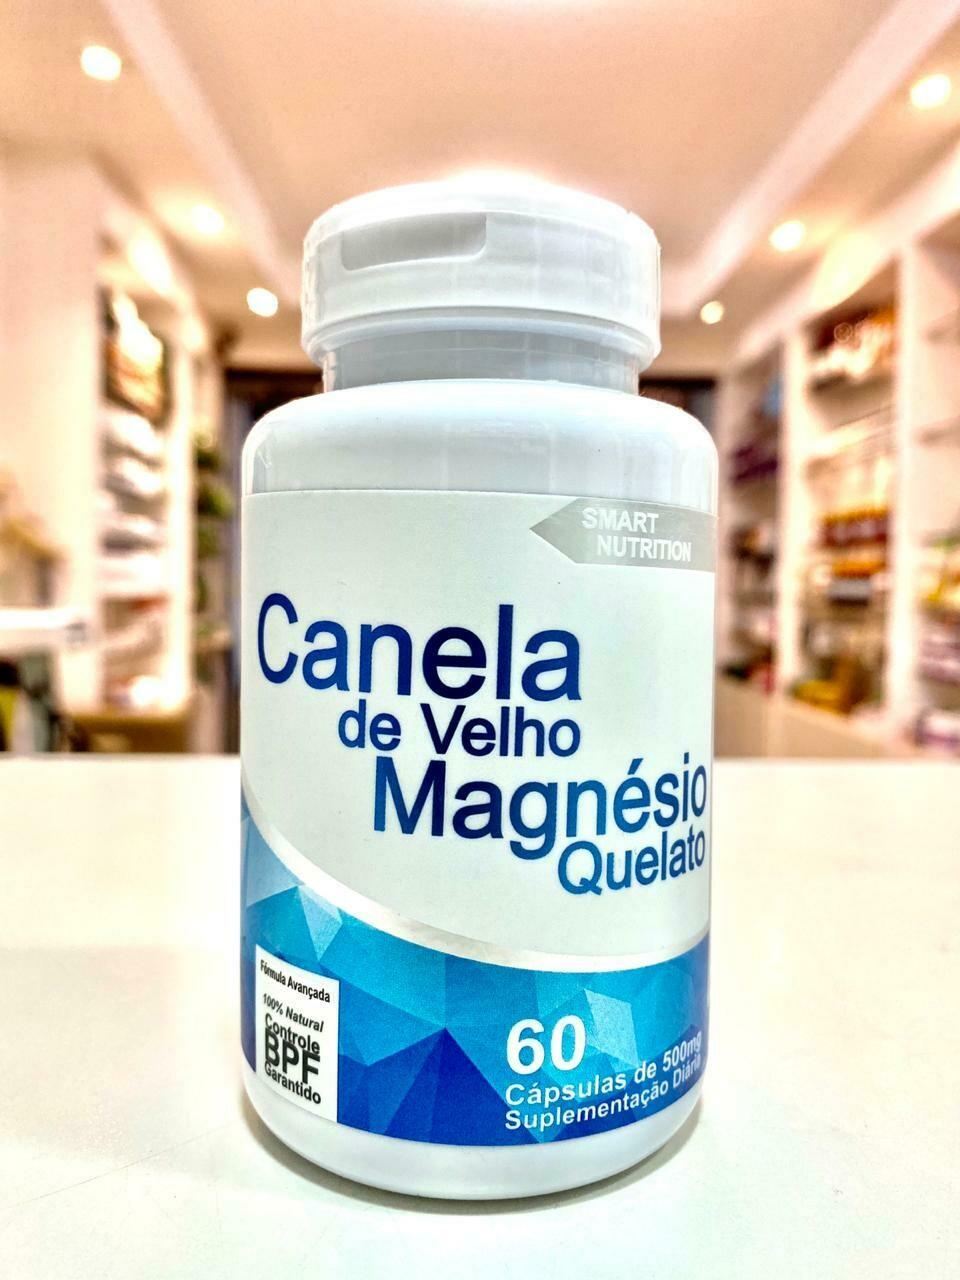 CANELA DE VELHO MAGNÉSIO QUELATO 500MG 60 CÁPSULAS